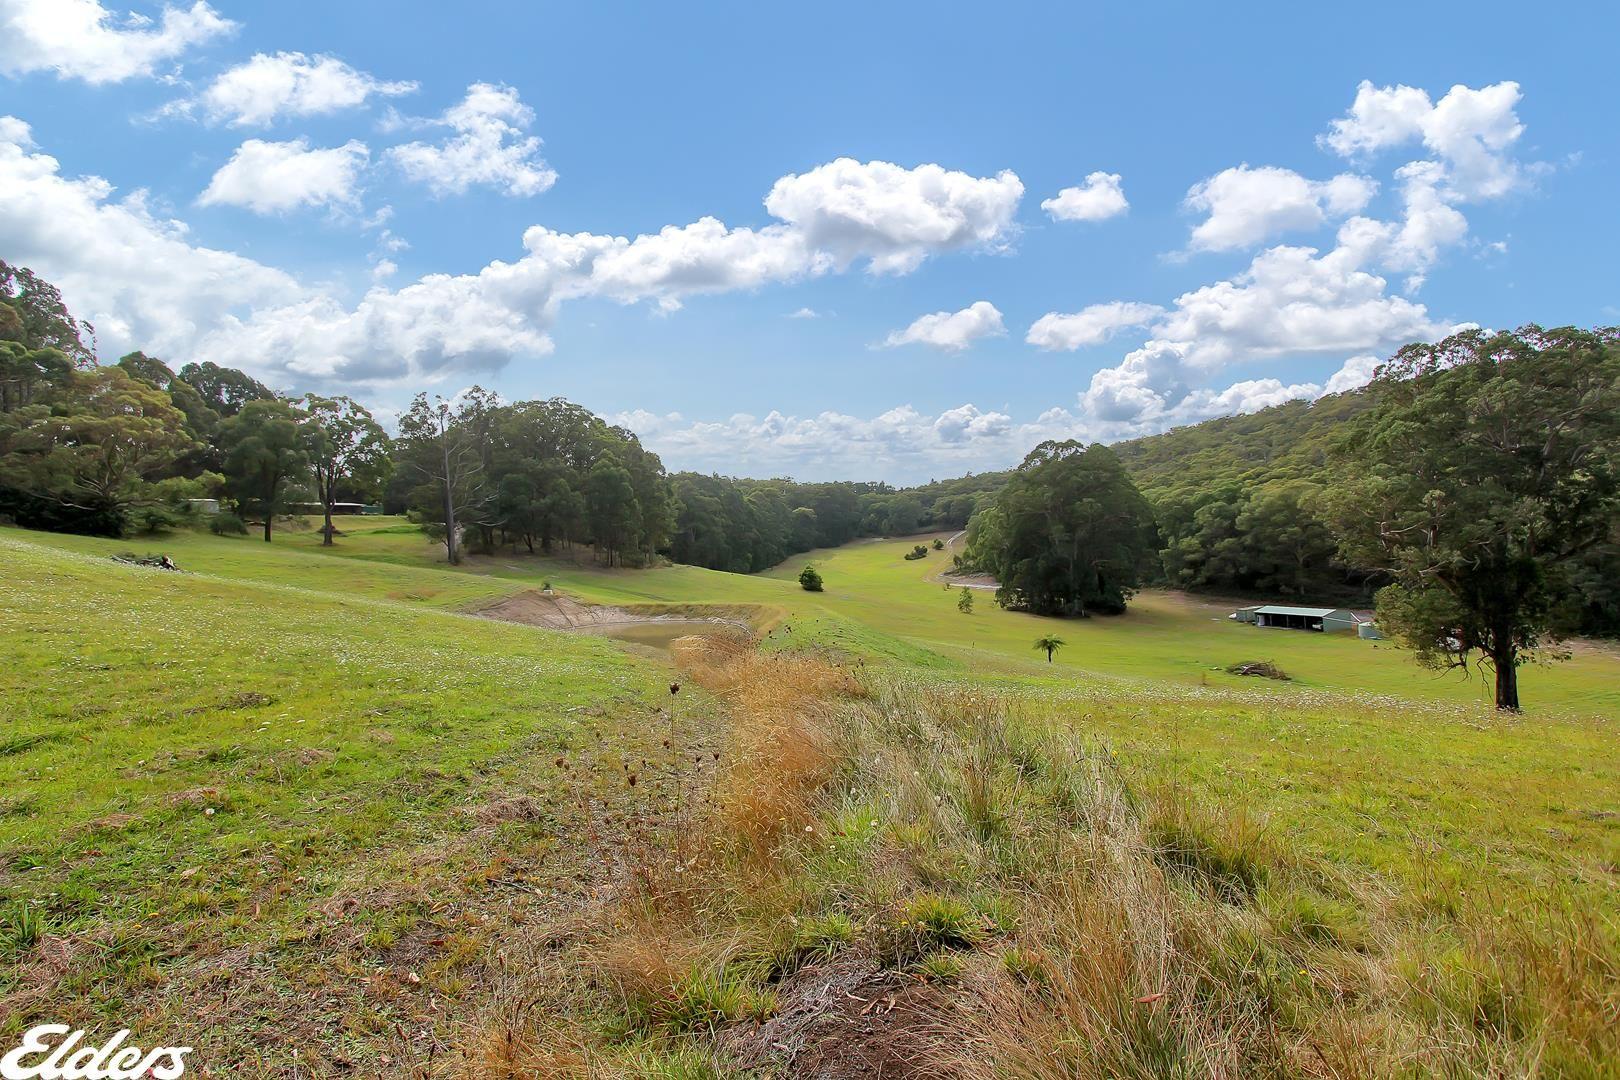 453 BULGA PARK ROAD, Macks Creek VIC 3971, Image 2